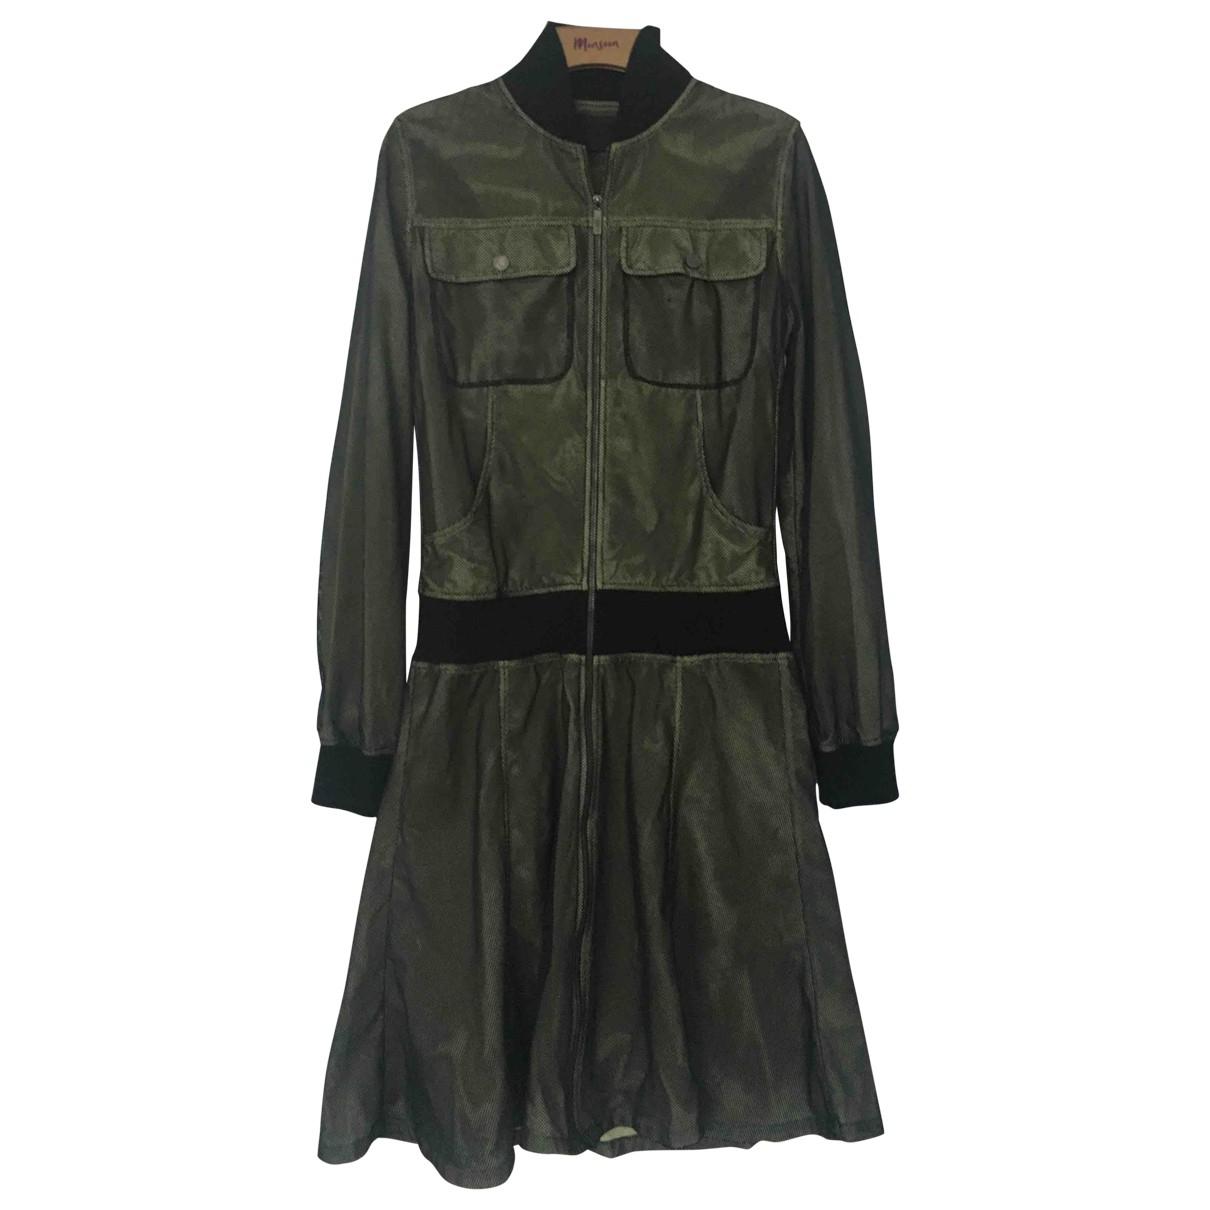 Karl Lagerfeld \N Green dress for Women 36 FR